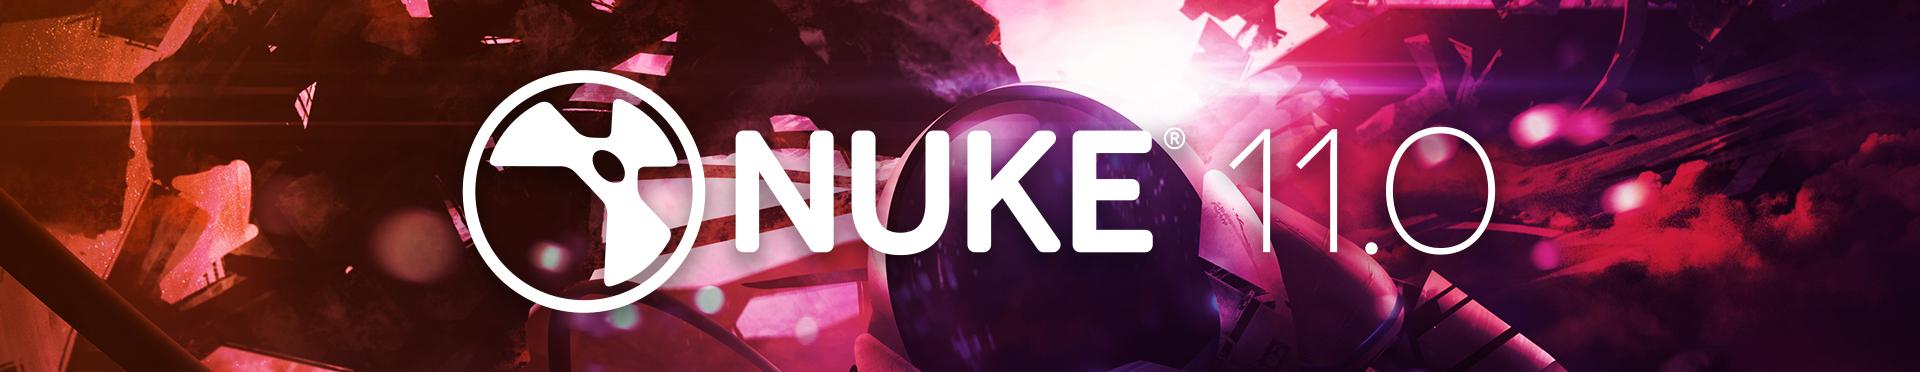 Nuke 11